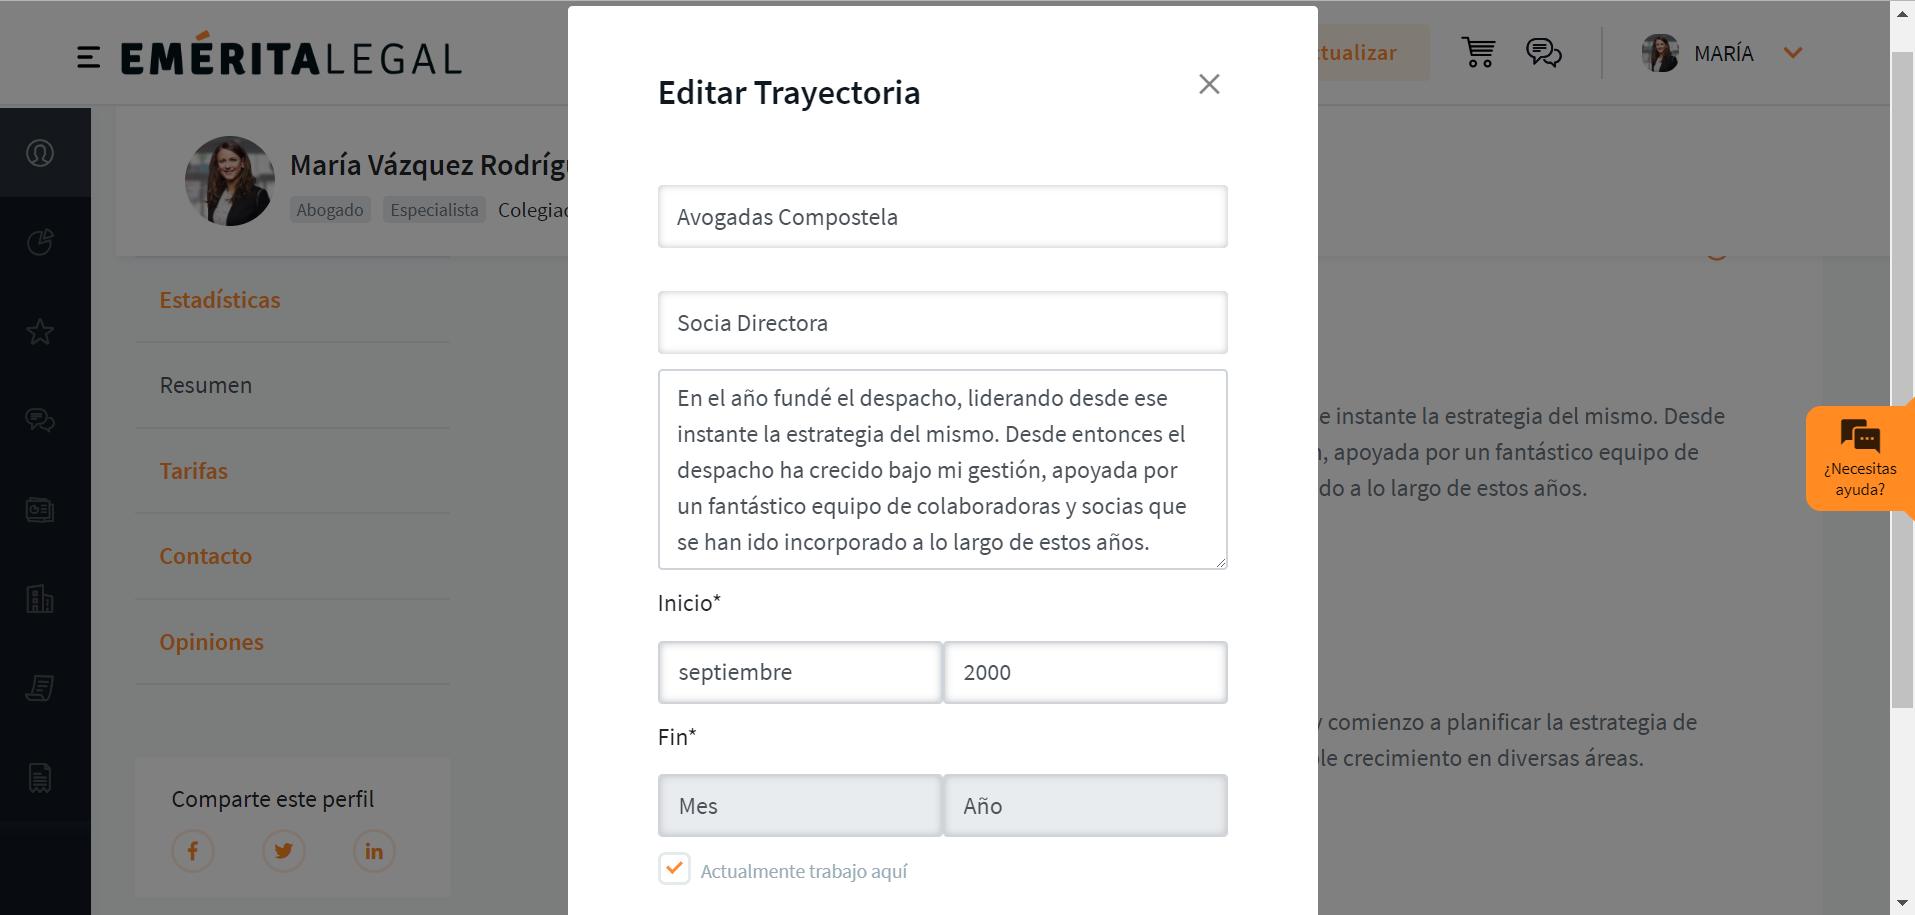 Editar trayectoria del perfil de Emérita Legal